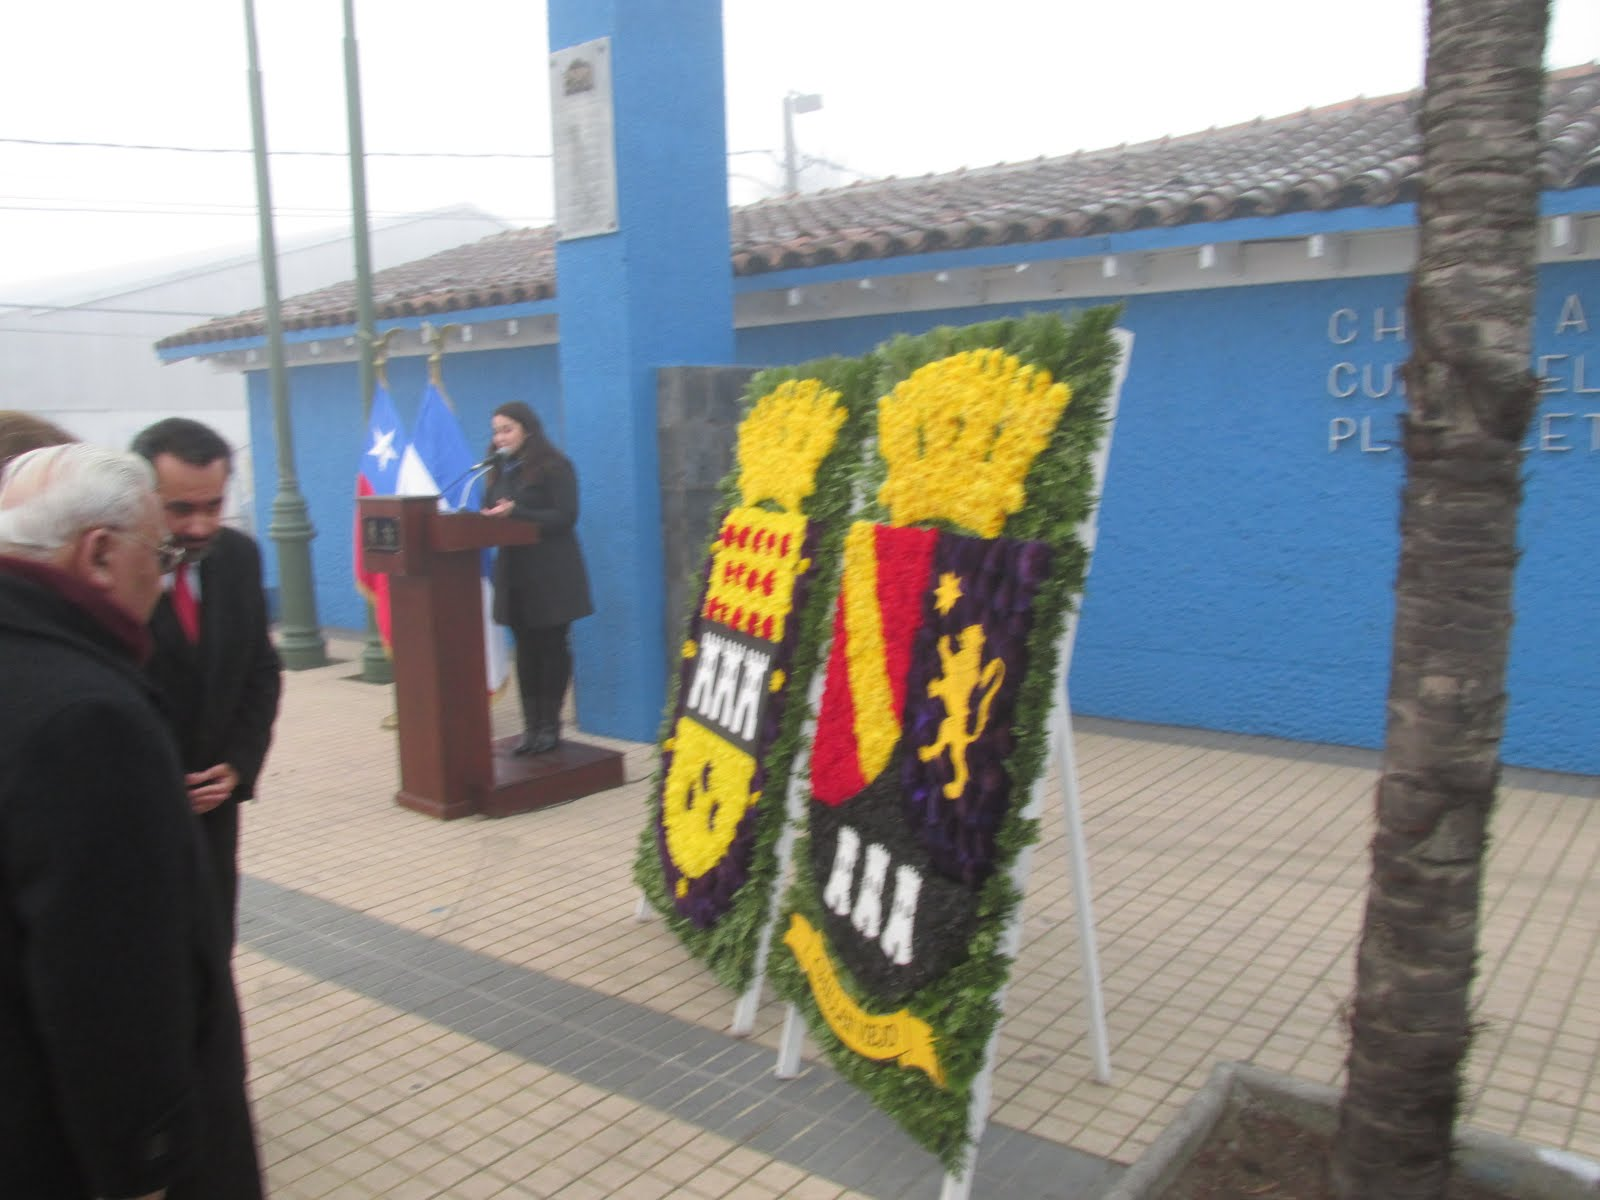 Ceremonia Encuentro y abrazo de Alcaldes de la Intercomuna en Aniversario Fundación